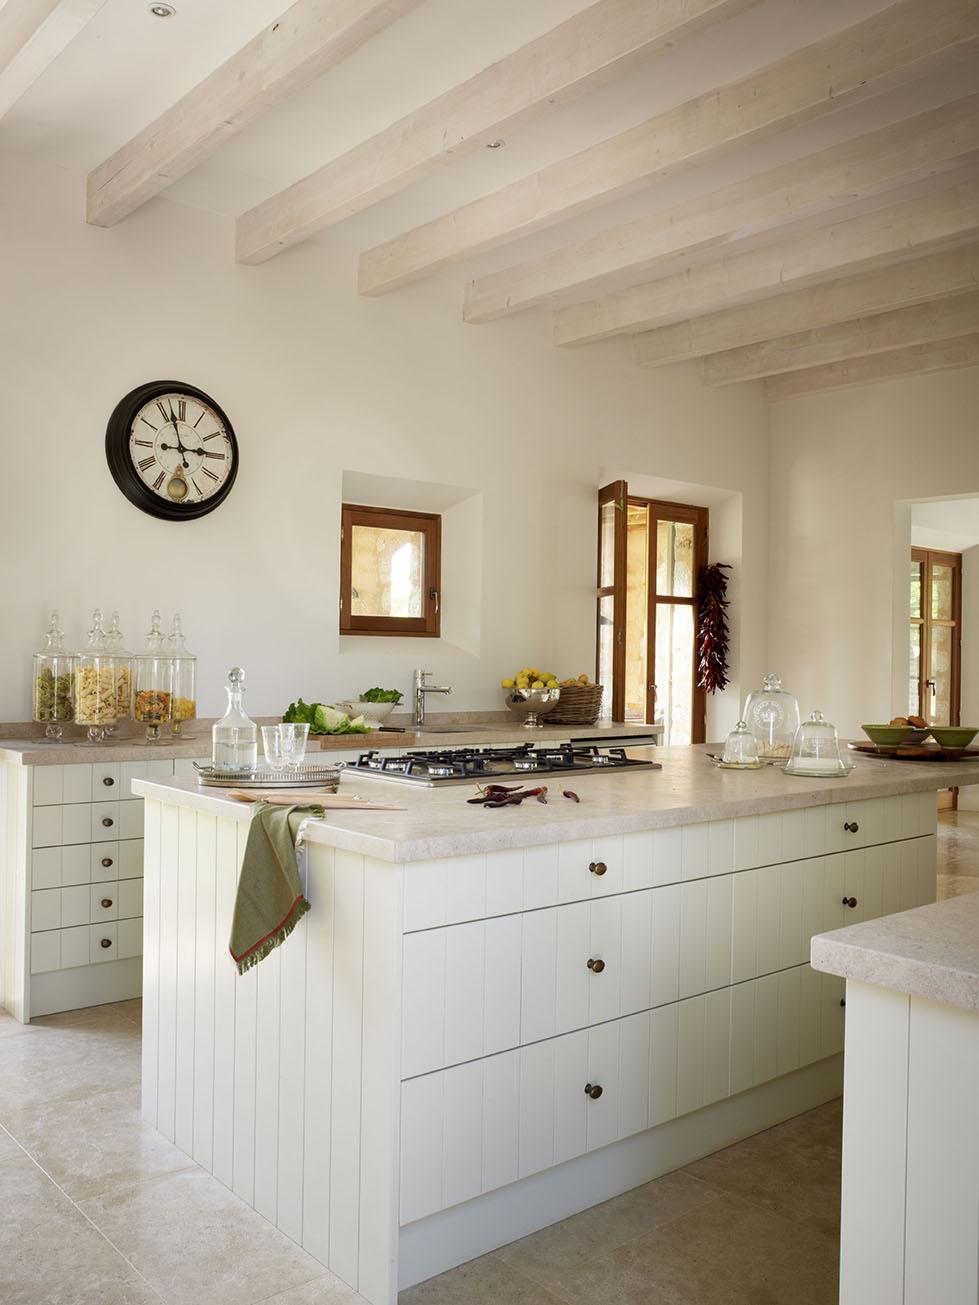 00326185 O. Isla blanca y alargada en la cocina_00326185 O